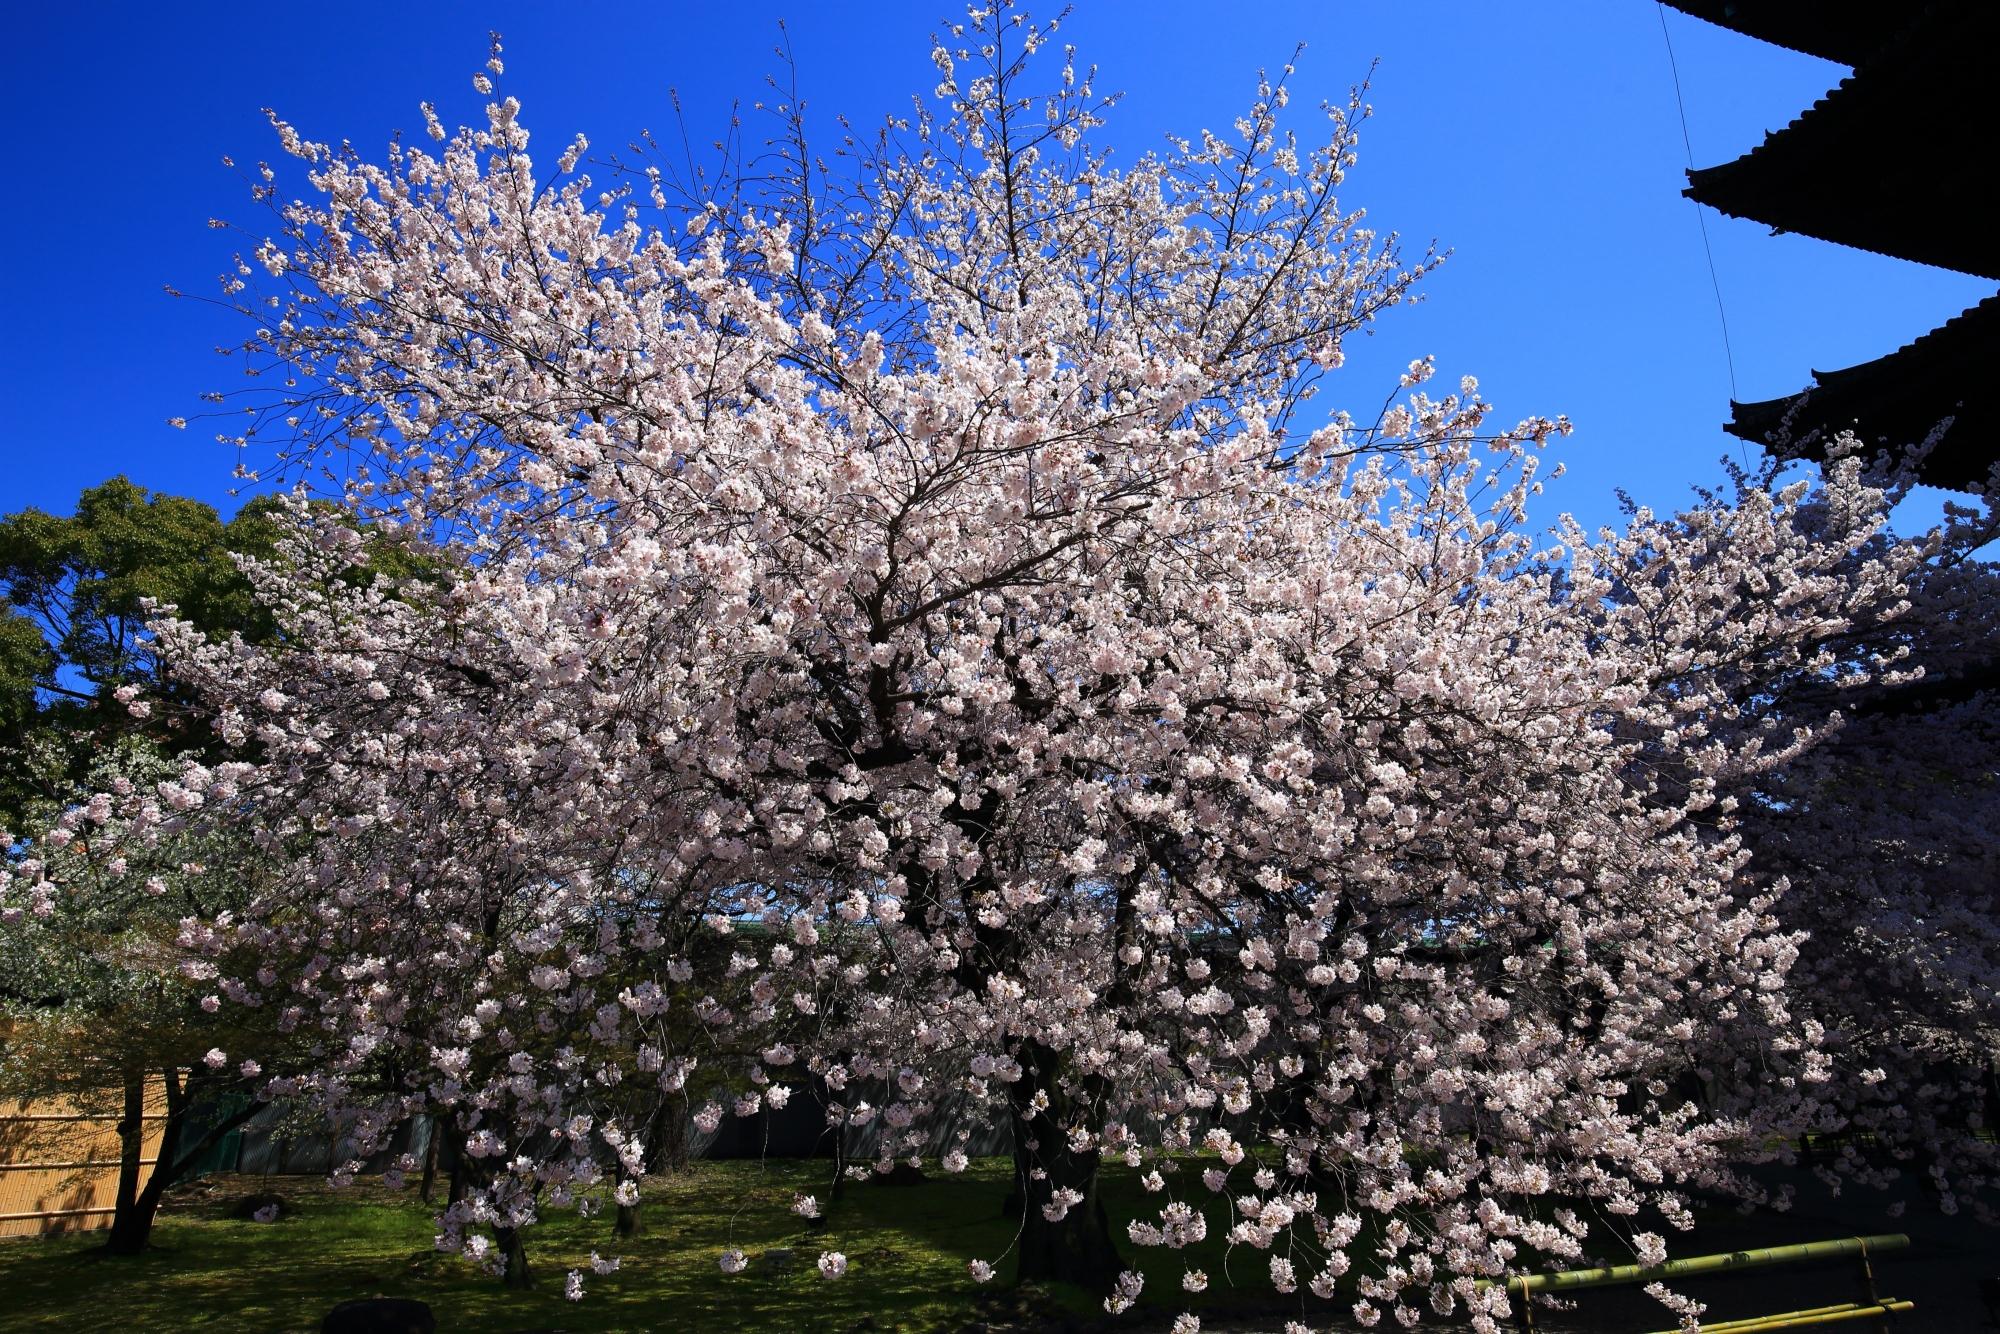 弾け飛びそうな花をいっぱいにつけた桜